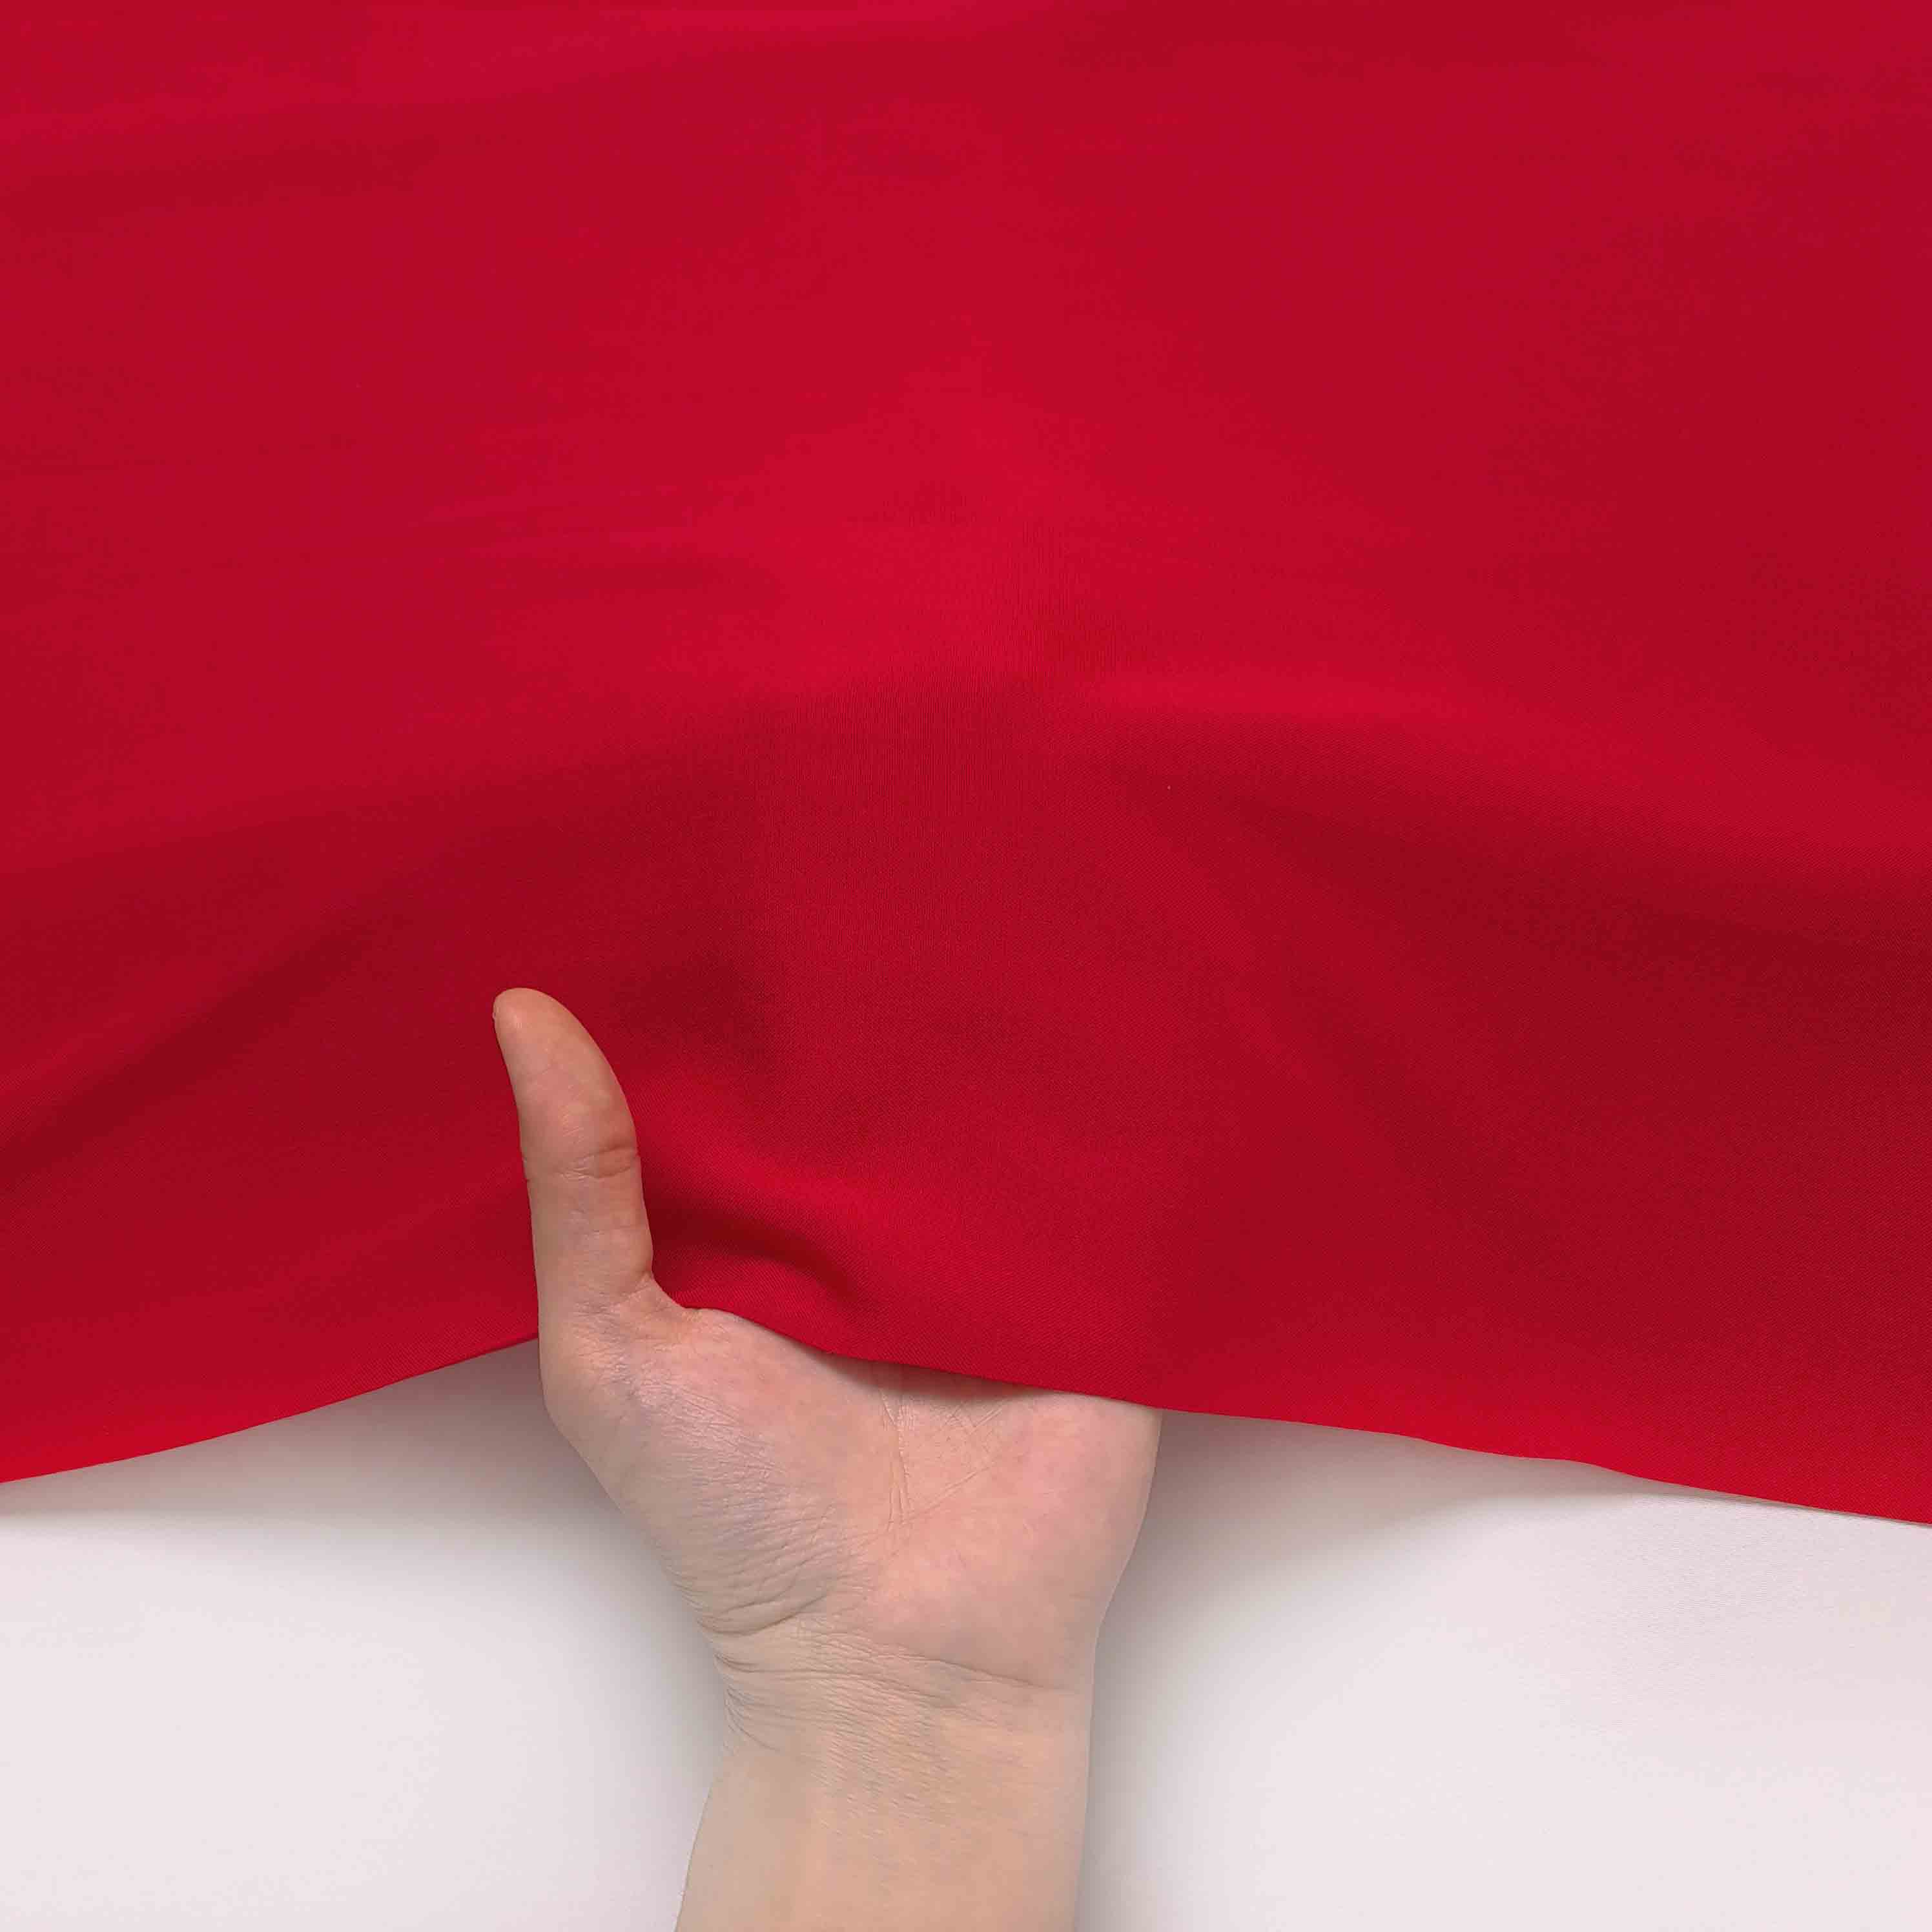 پارچه نخی ساده رنگ 7 قرمز گلی